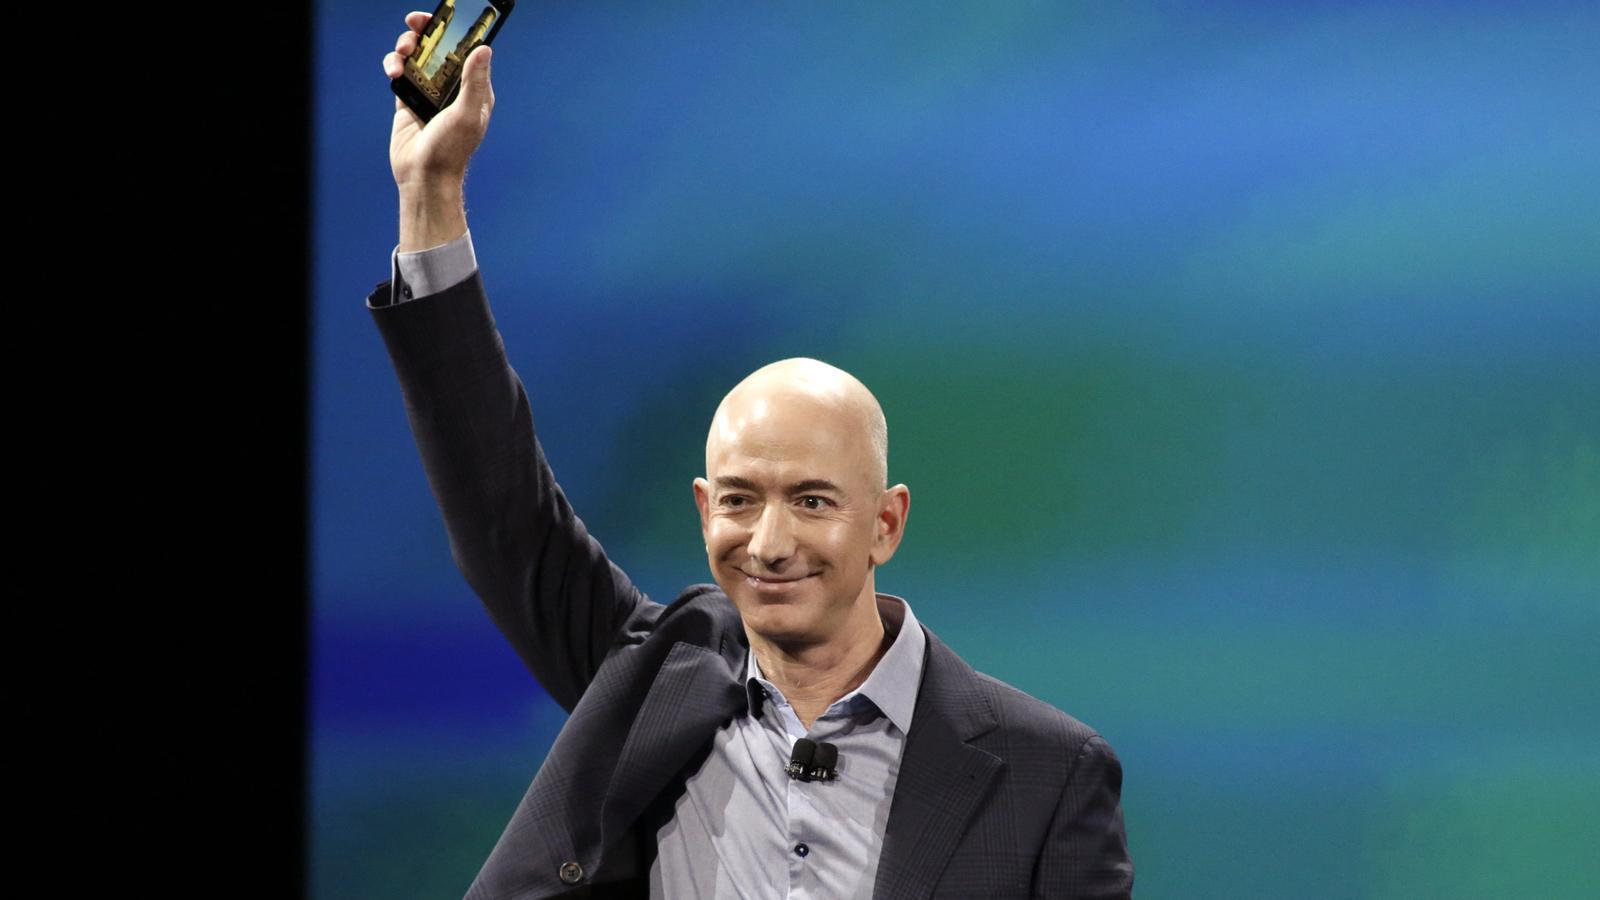 El valor d'Amazon a la borsa supera per primer cop el bilió de dòlars